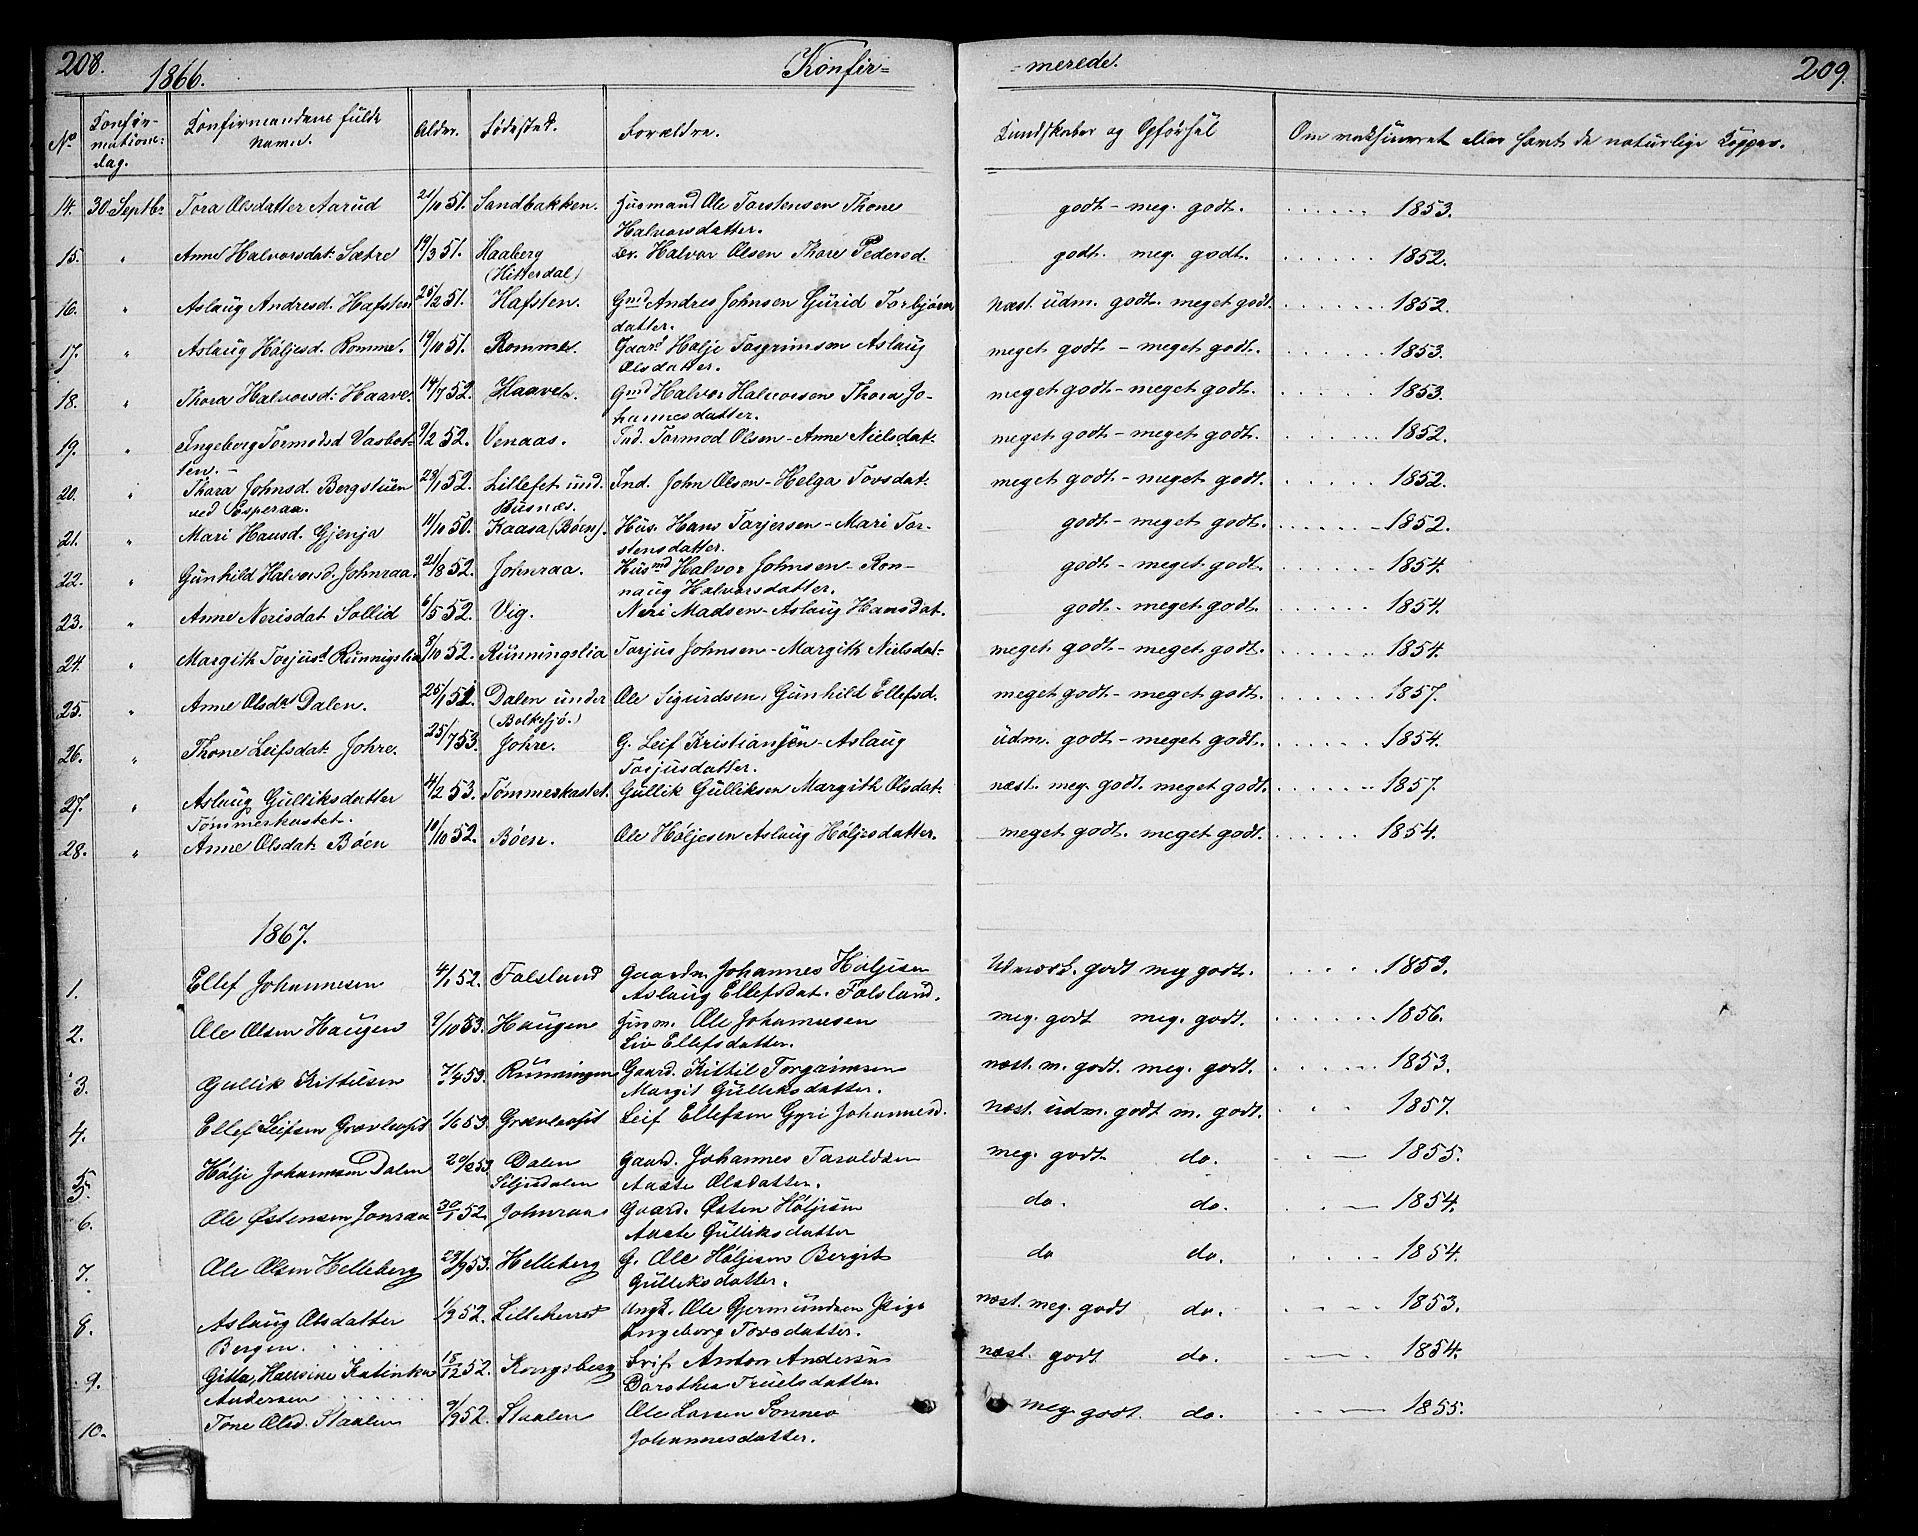 SAKO, Gransherad kirkebøker, G/Ga/L0002: Klokkerbok nr. I 2, 1854-1886, s. 208-209